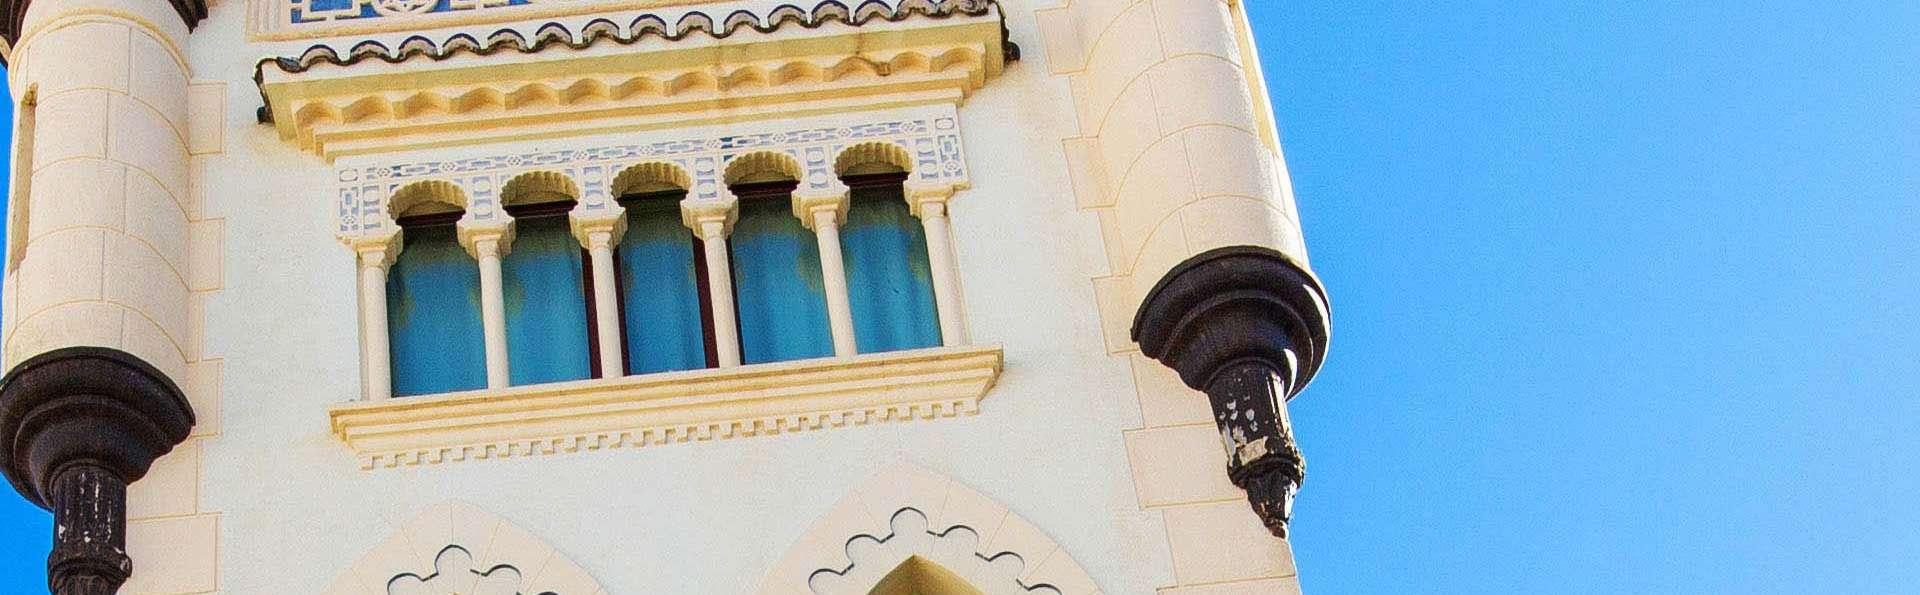 Hotel Kazar - kazar_genericos_10.jpg